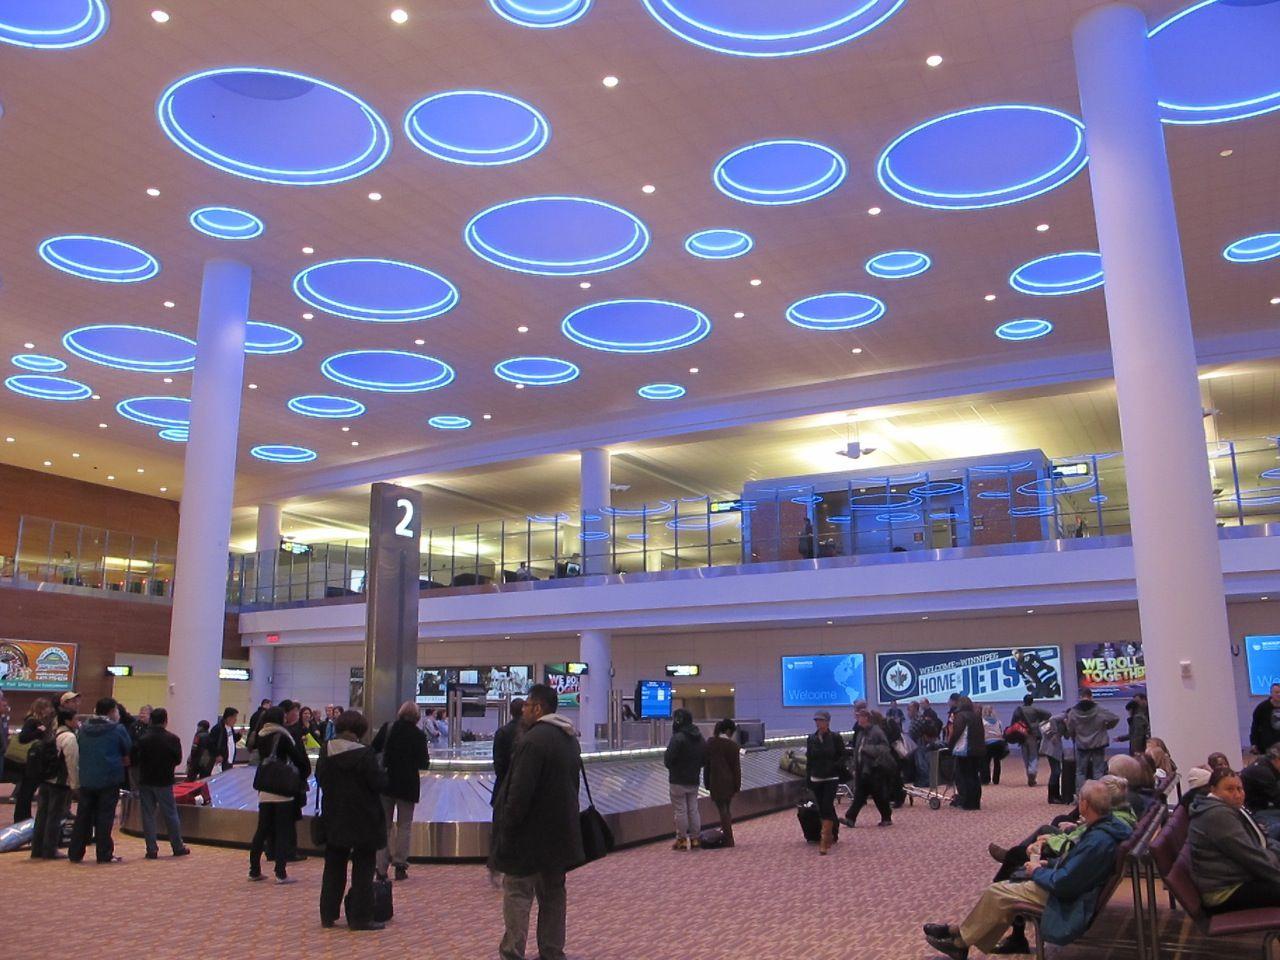 Winnipeg Manitoba airportt